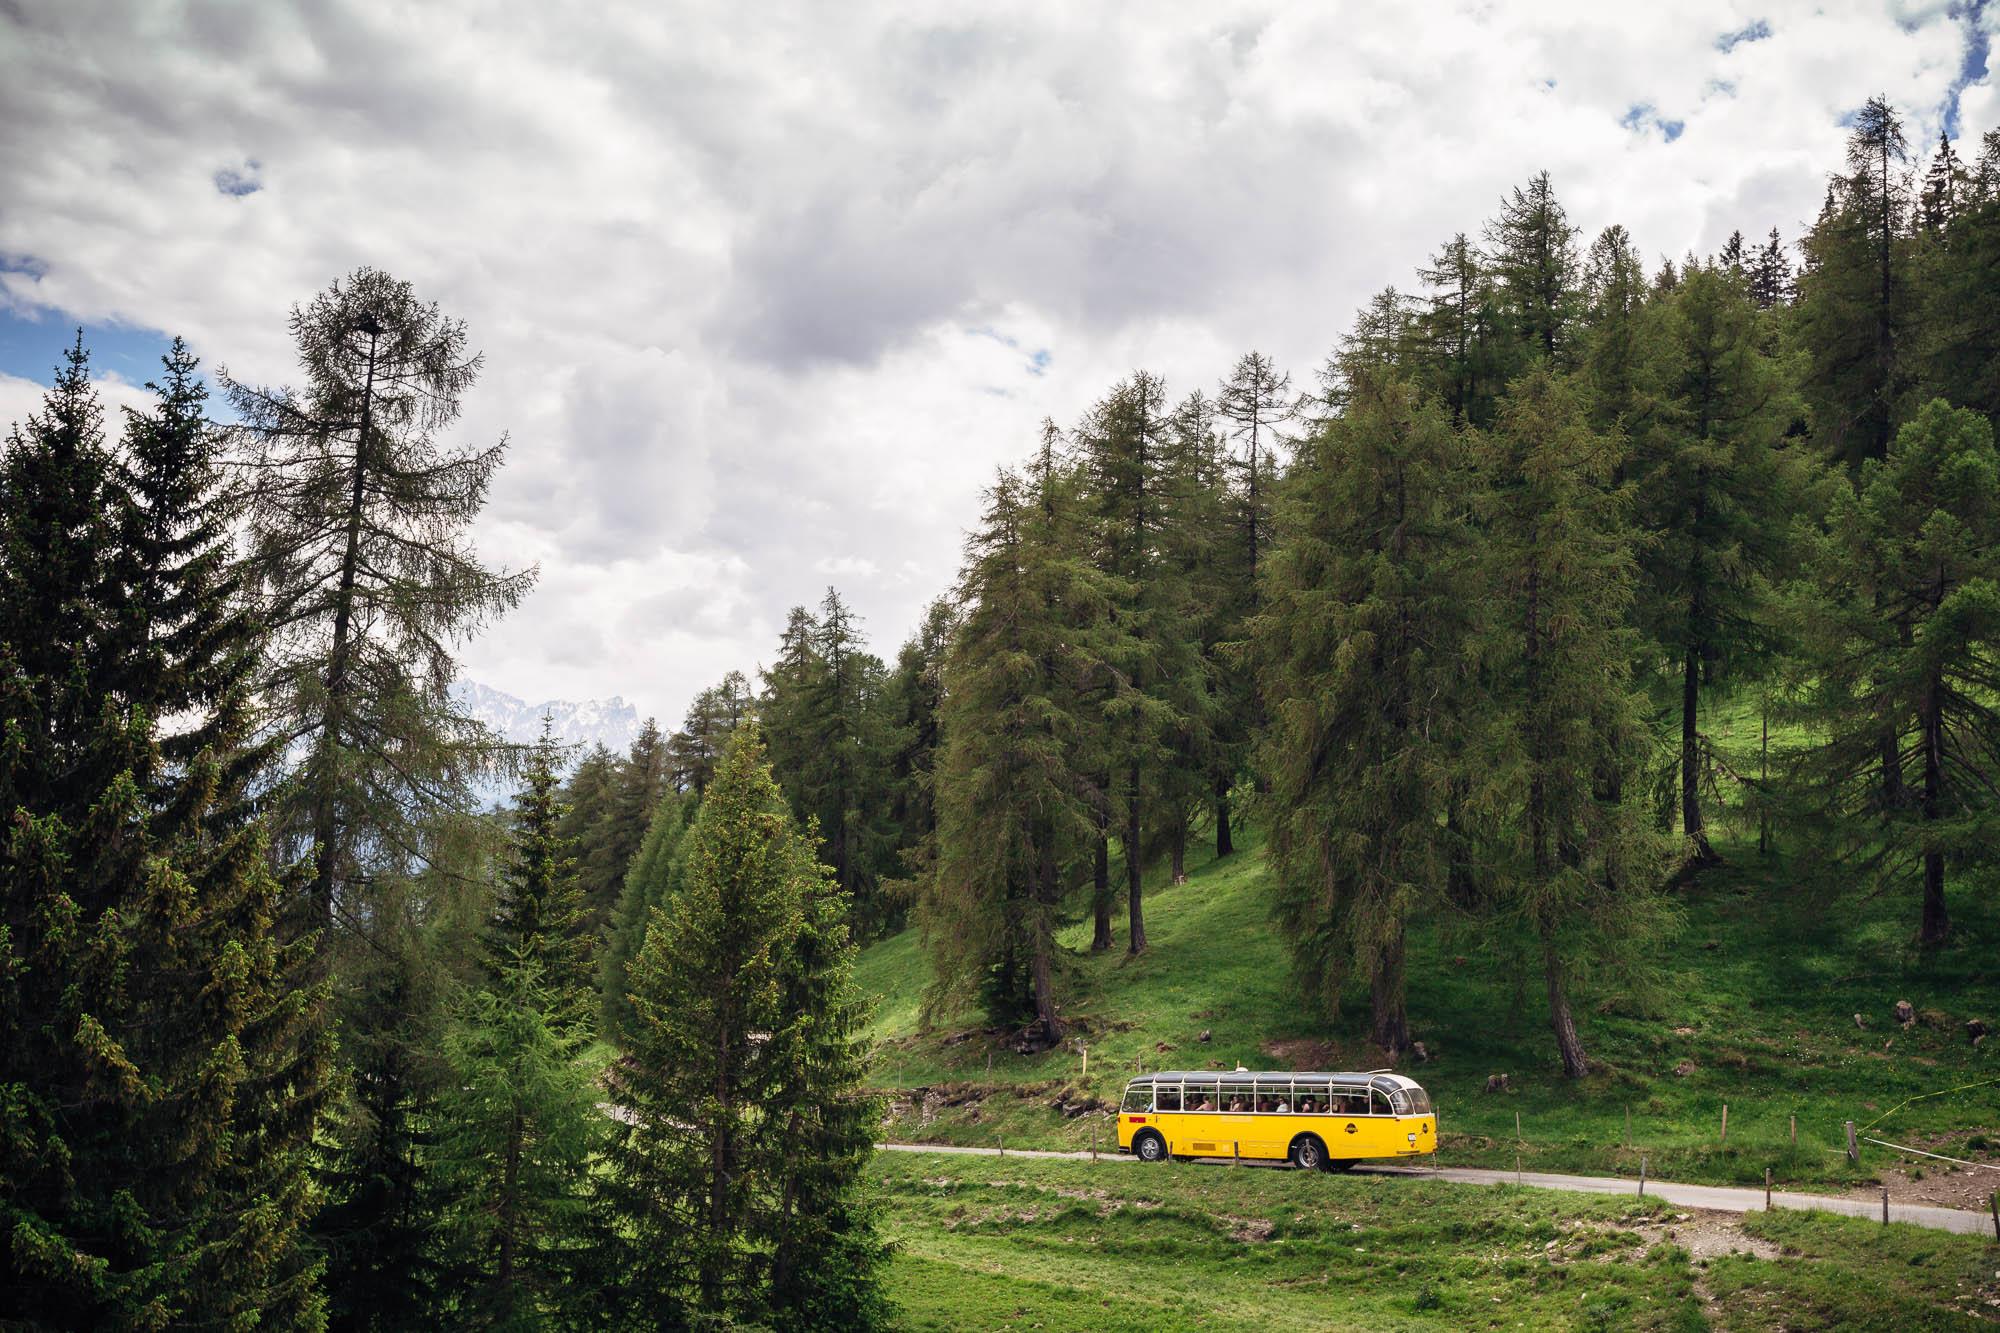 Postauto zwischen Lärchen in Sporz